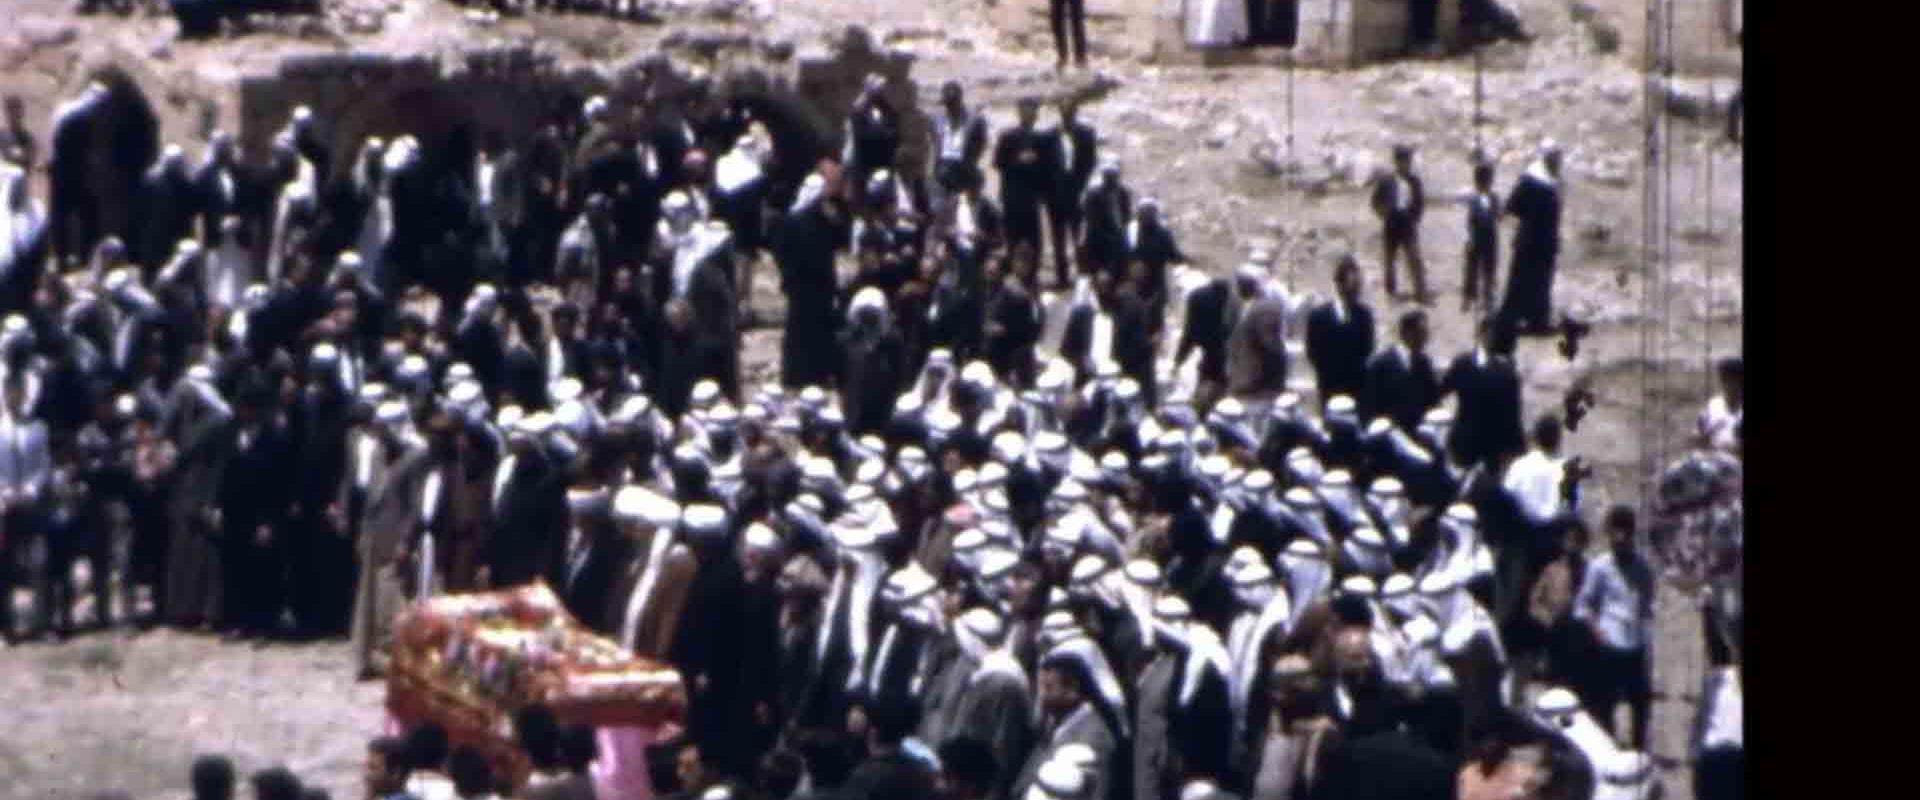 היהודים בלבנון